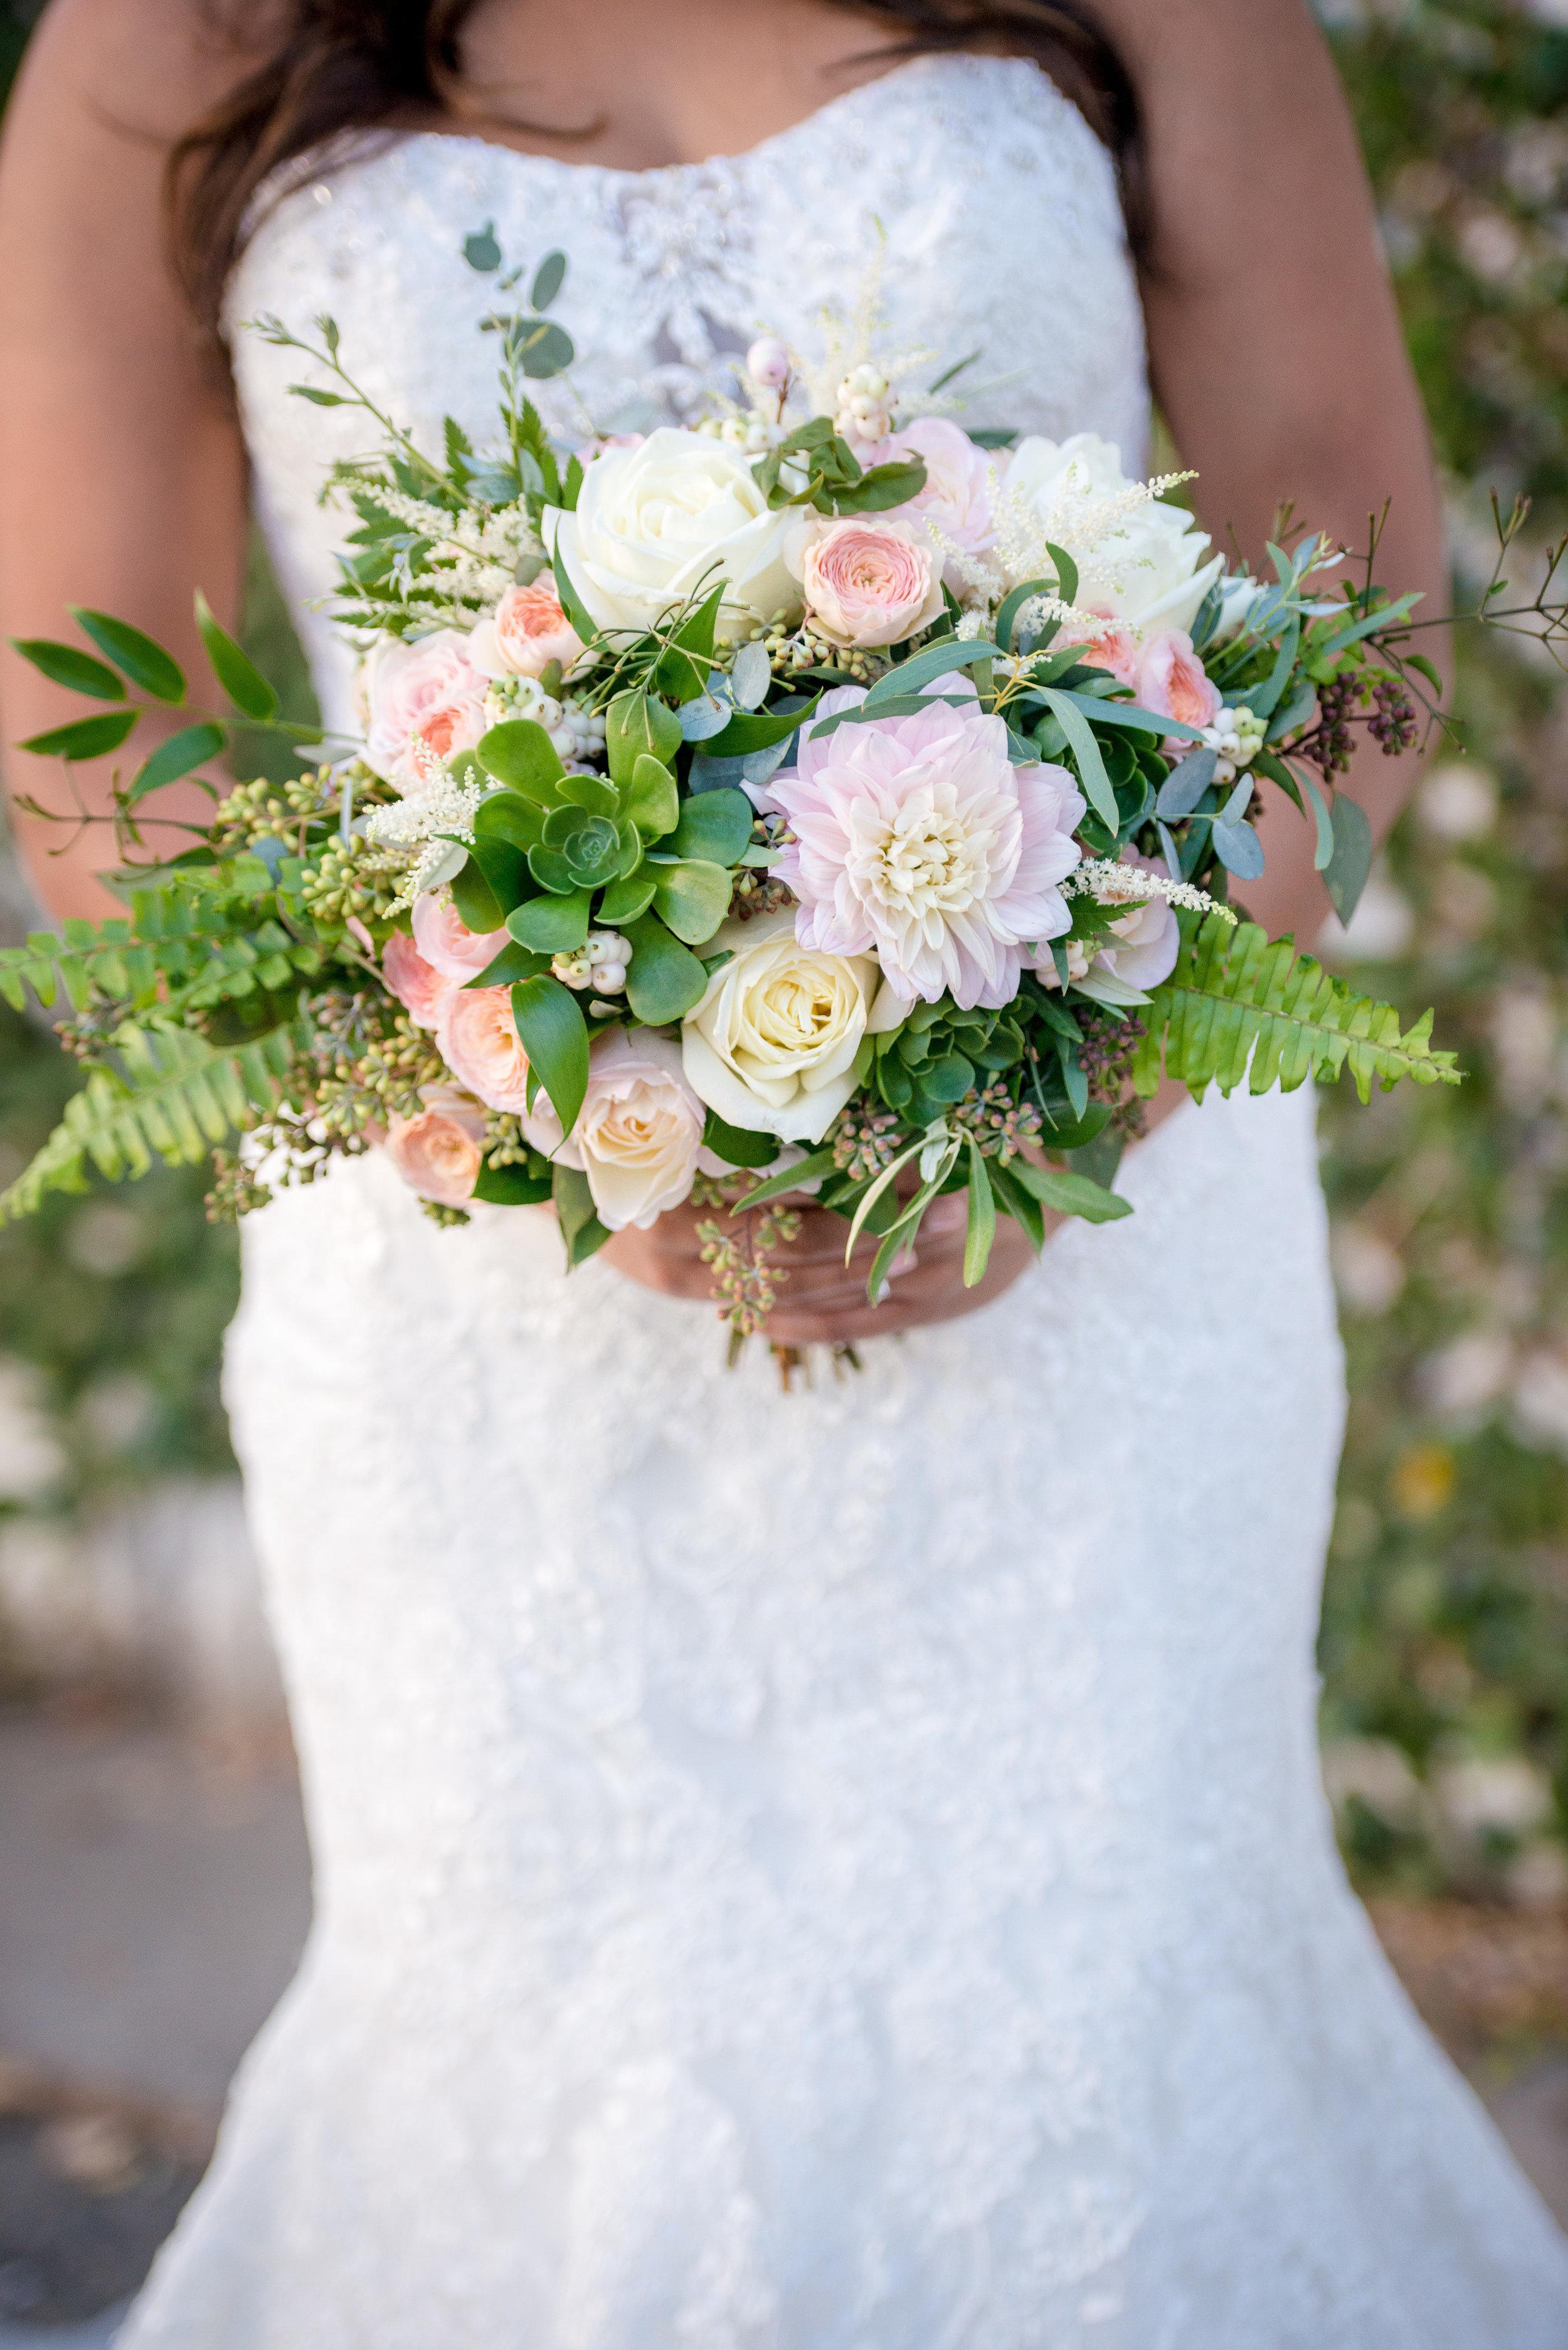 Bridal_Bouquet_Blush_Garden_Roses_Romantic_Vizcaya_Sacramento_Violette_Fleurs.jpg